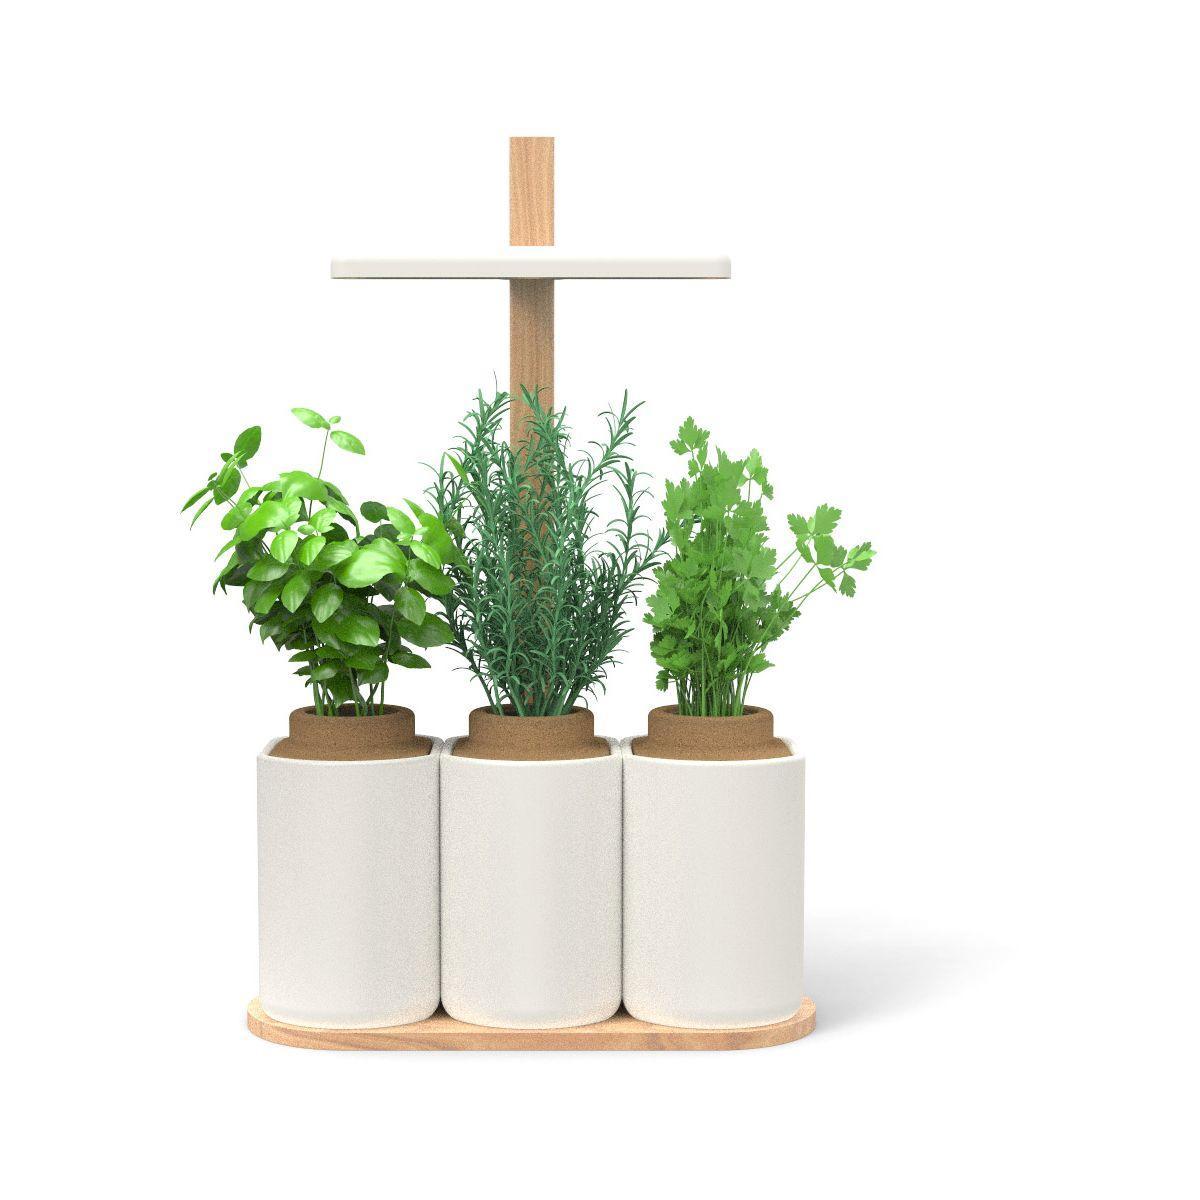 Jardin d'int�rieur pret a pousser smart lilo - livraison offerte : code liv (photo)